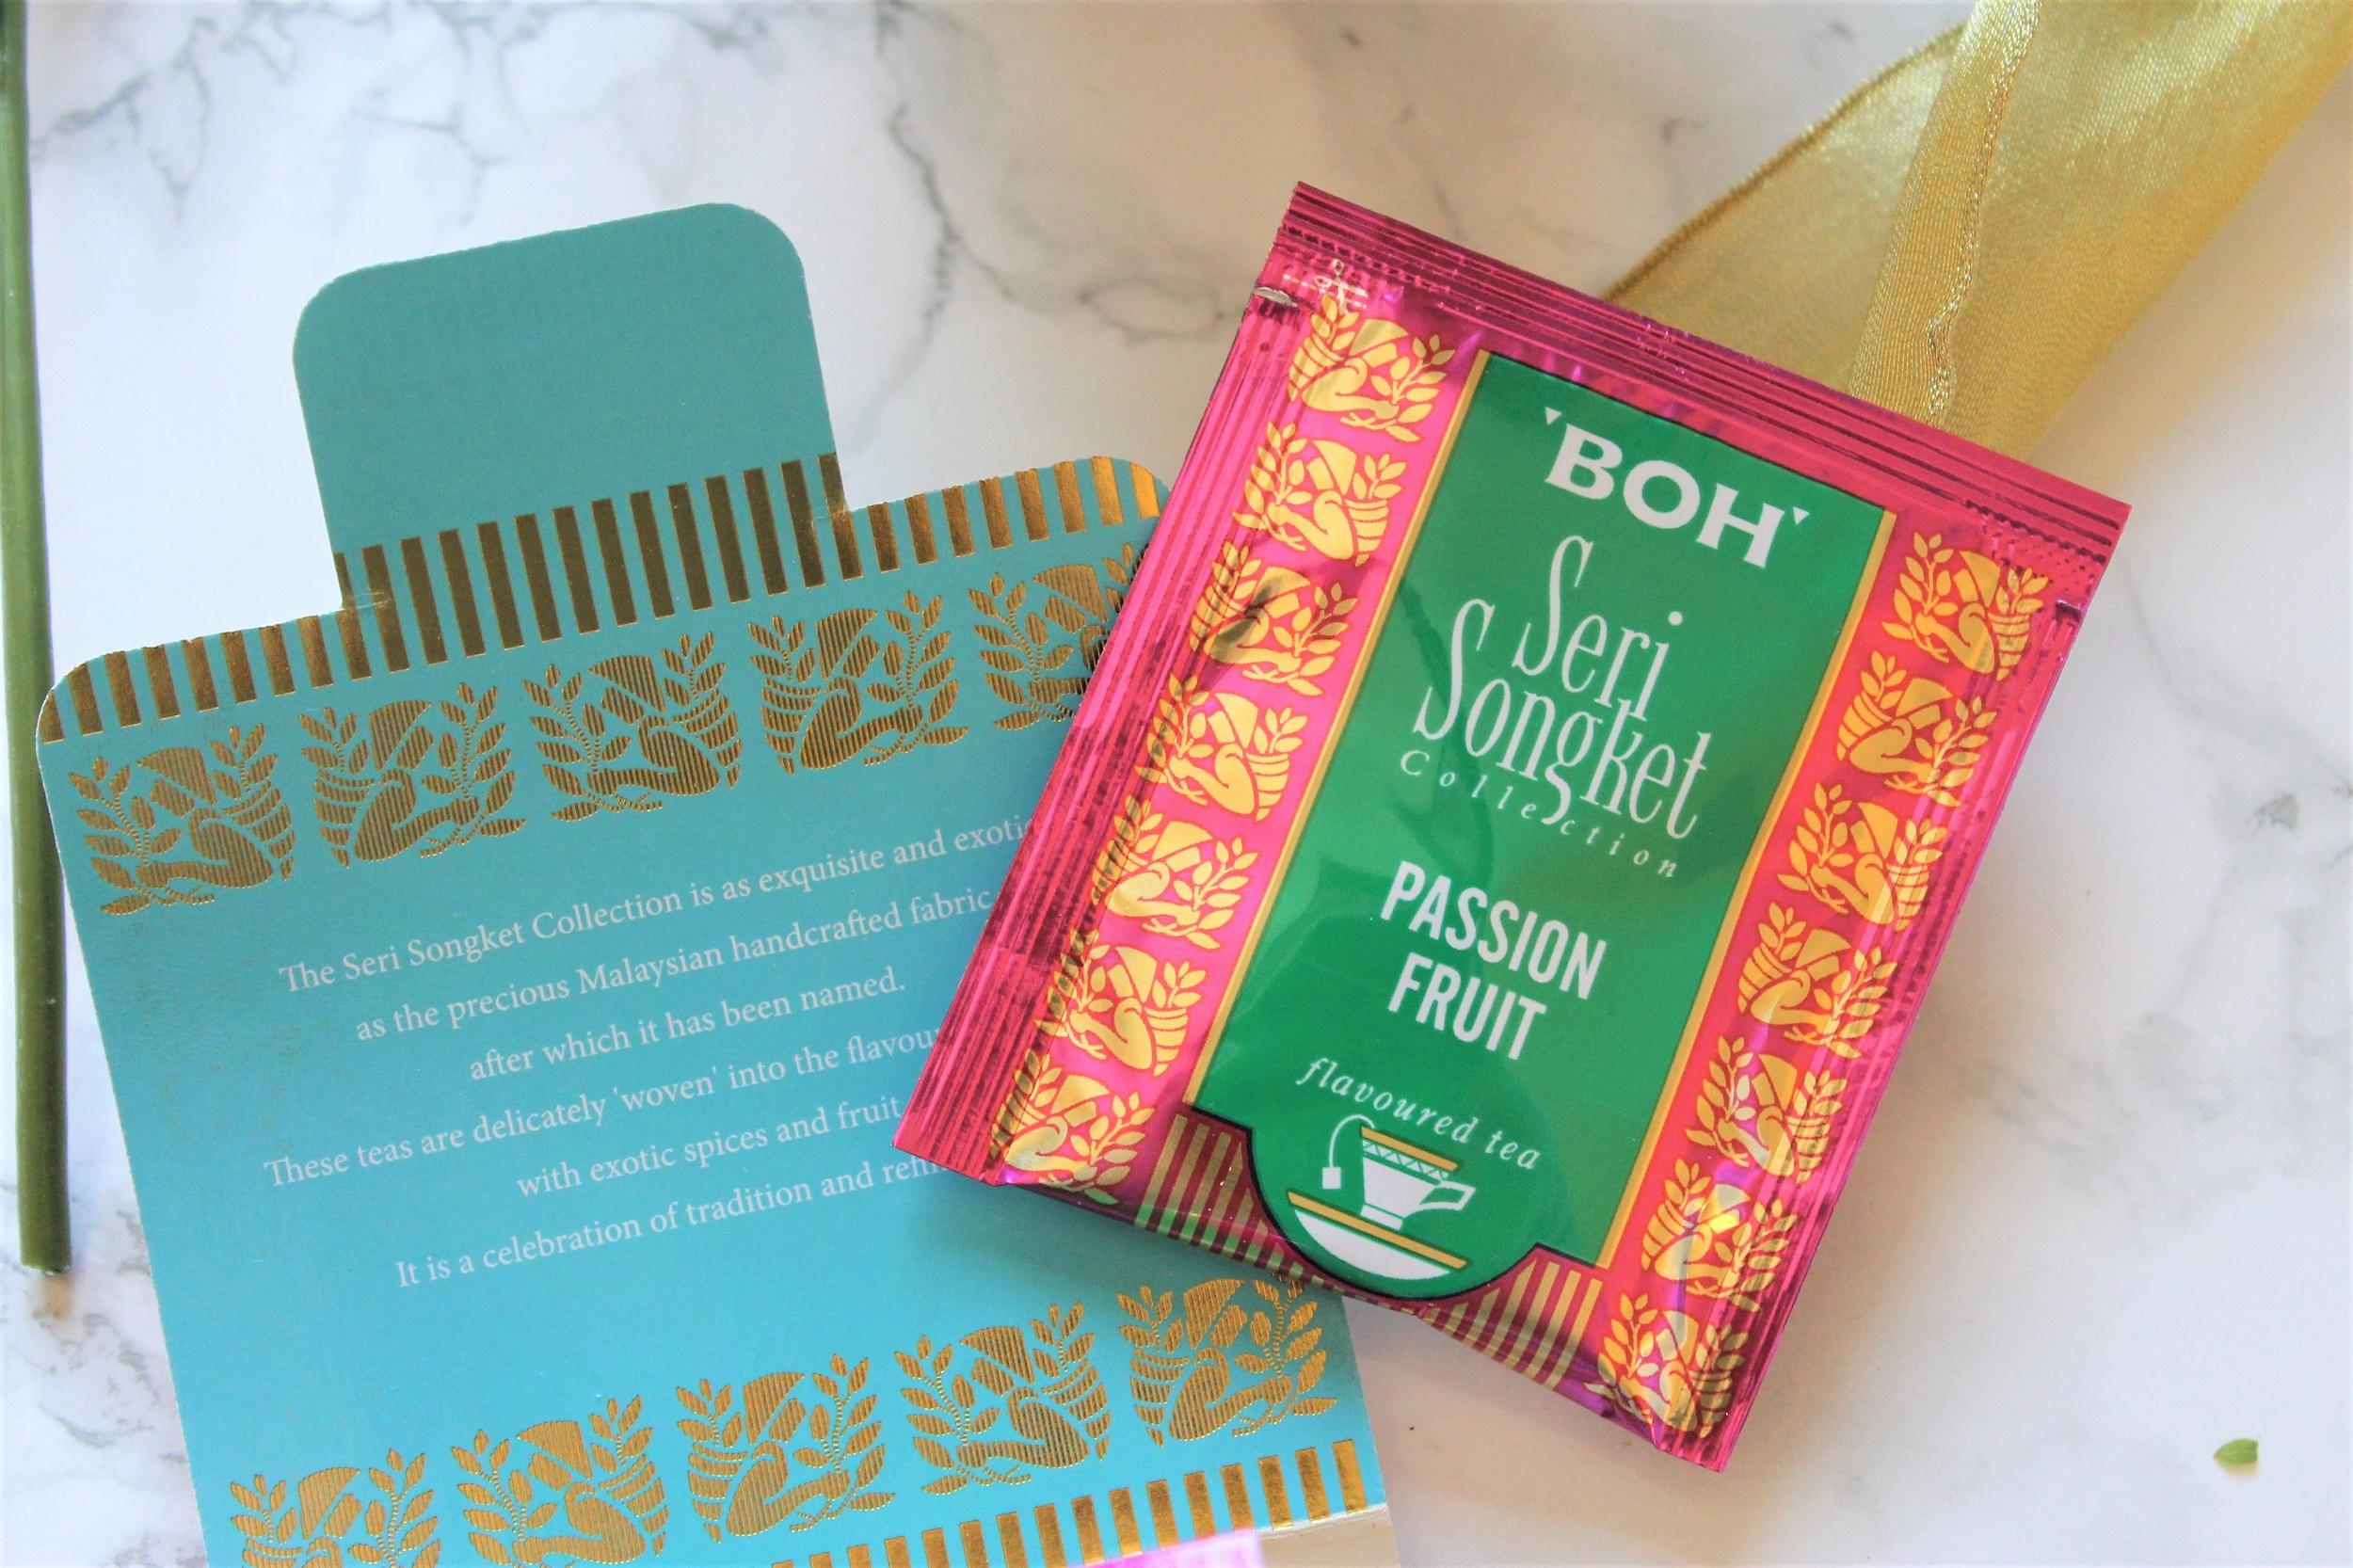 boh passion fruit tea bag